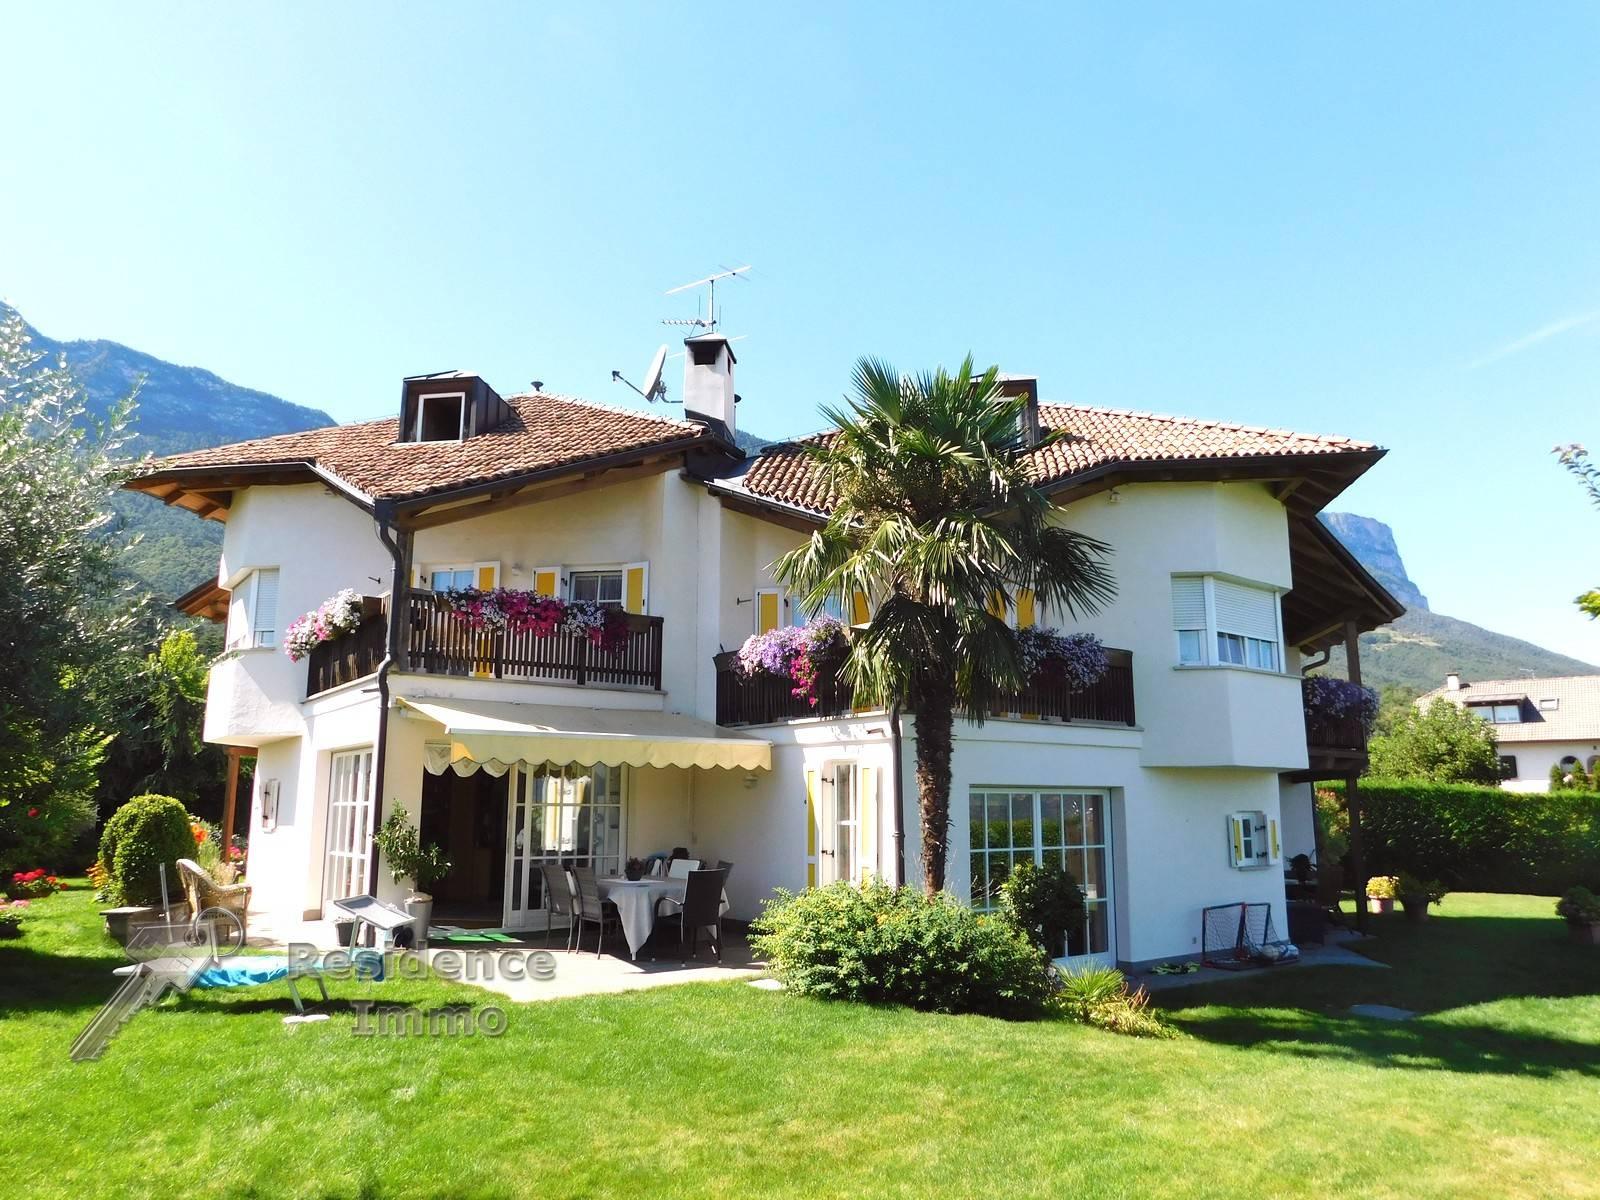 Villa in vendita a Appiano sulla Strada del Vino, 10 locali, zona Località: SanMichele, Trattative riservate   PortaleAgenzieImmobiliari.it